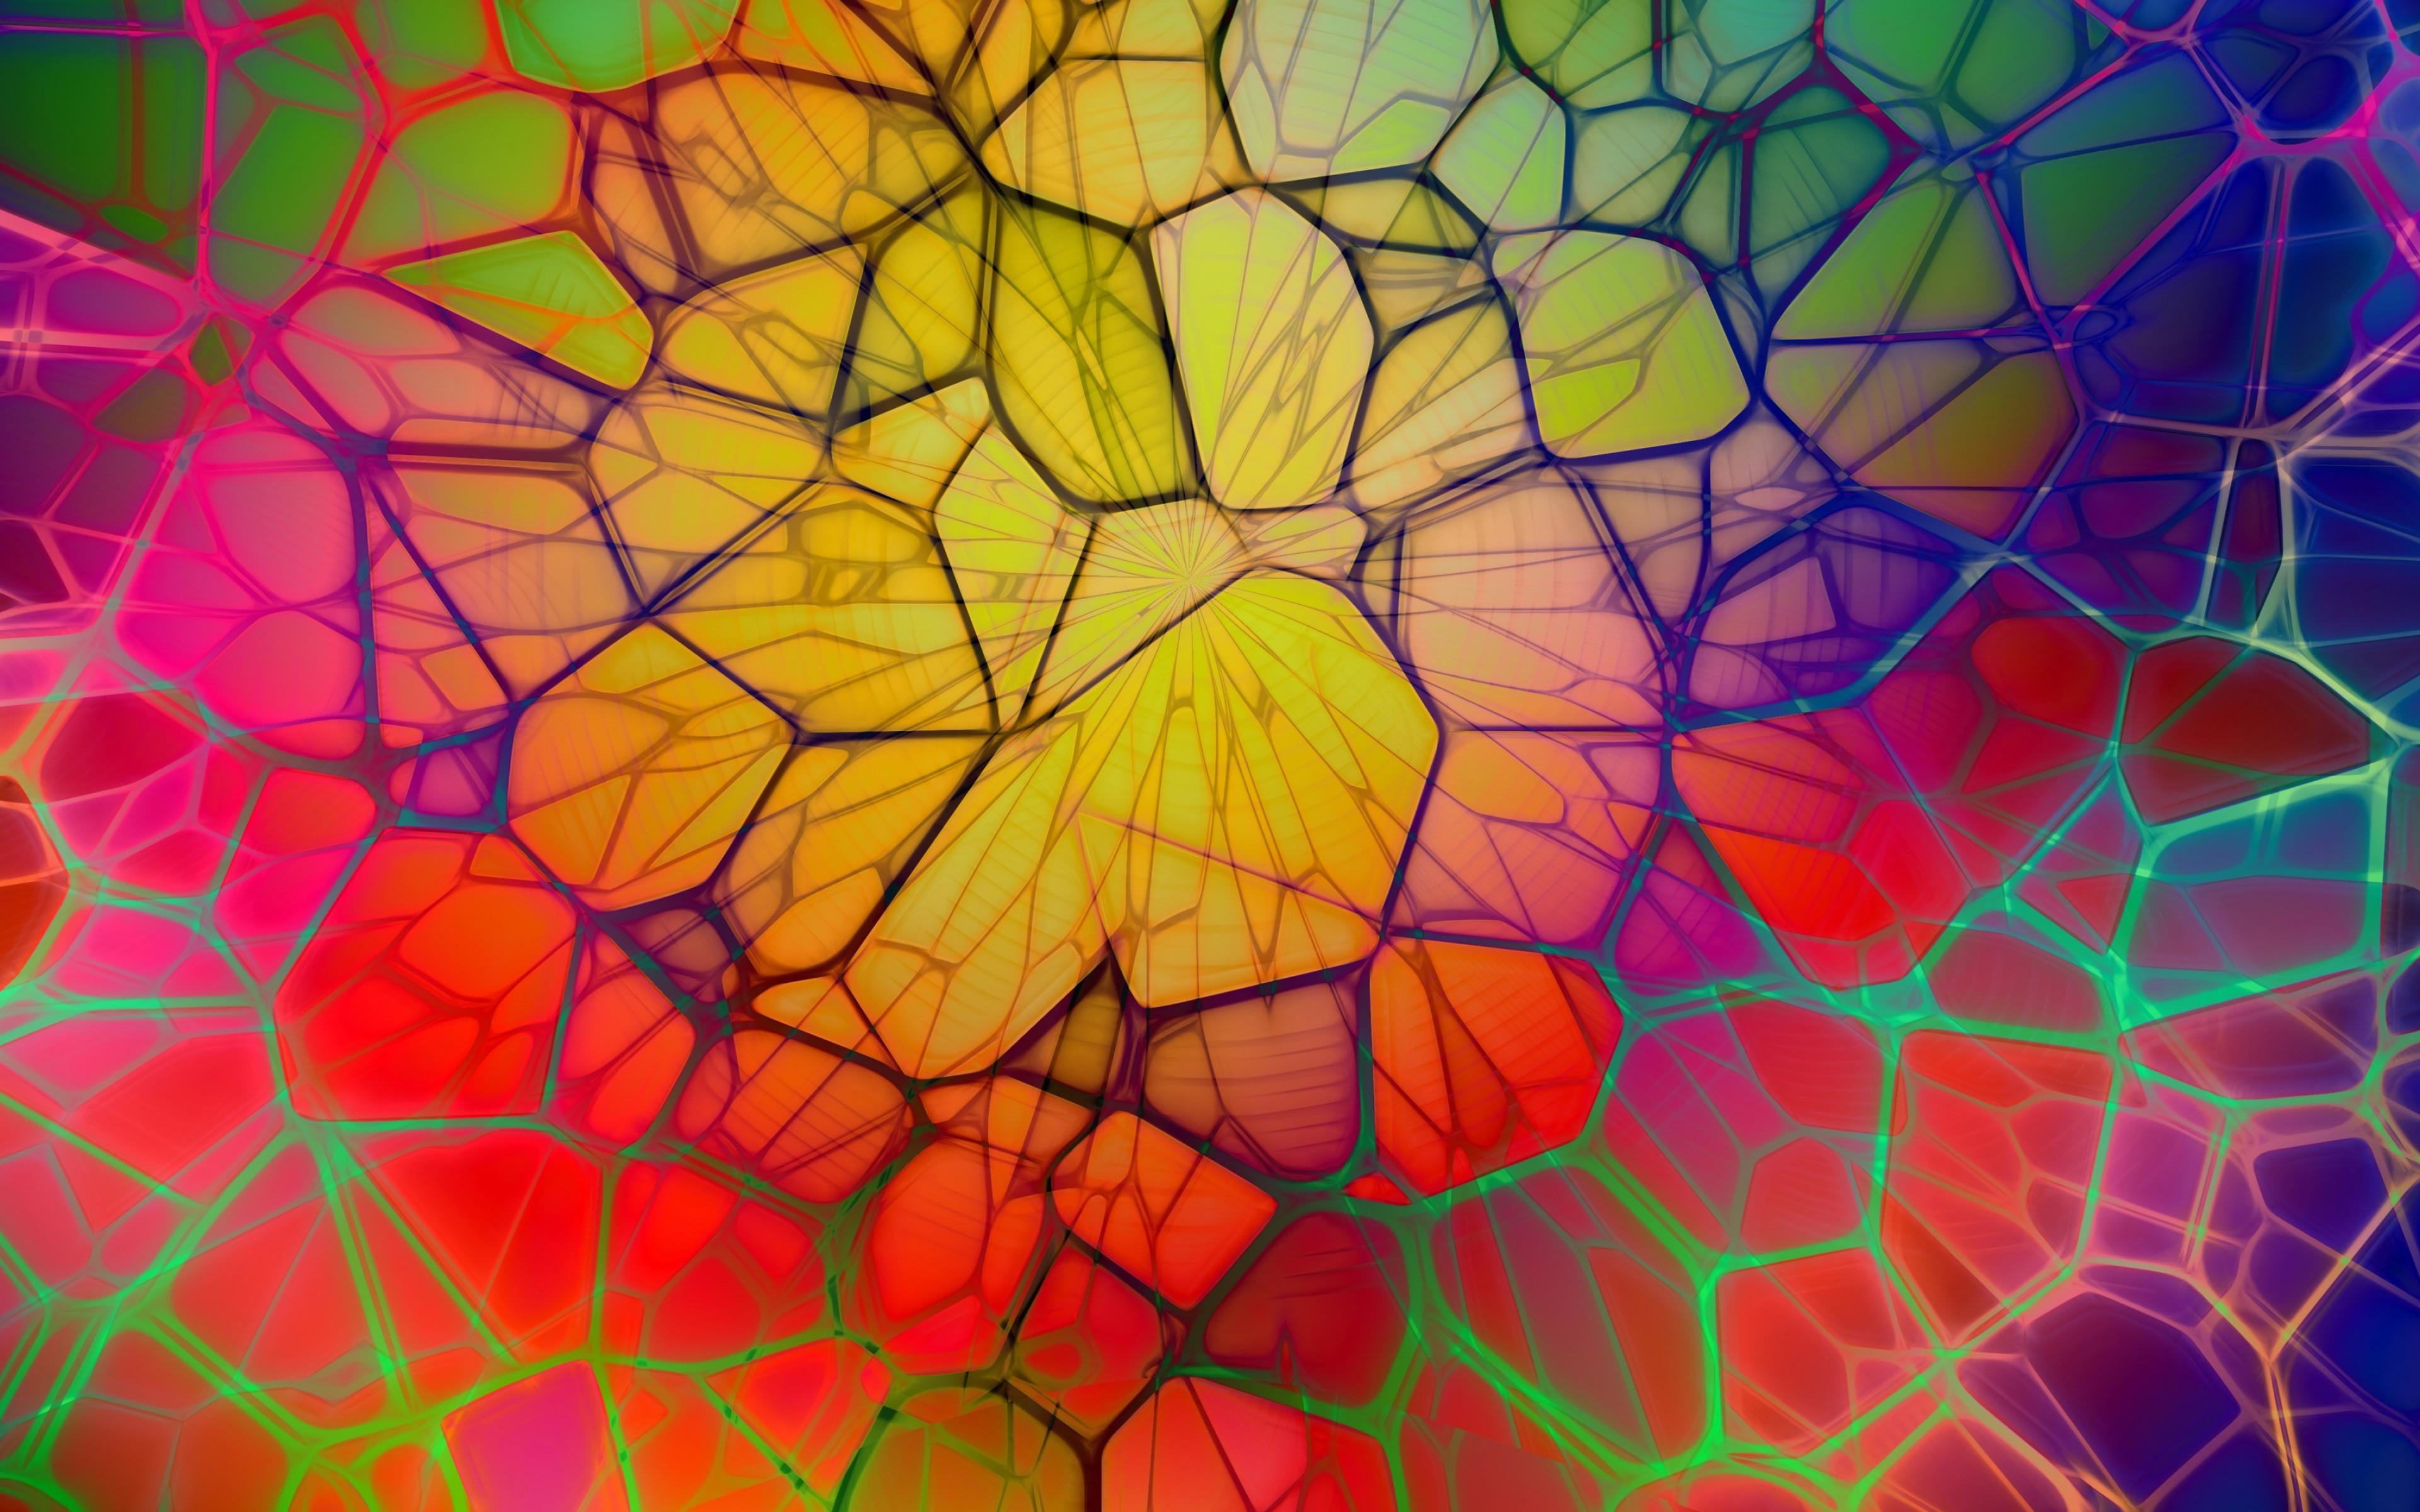 Fondos de pantalla Lineas geometricas en arcoiris